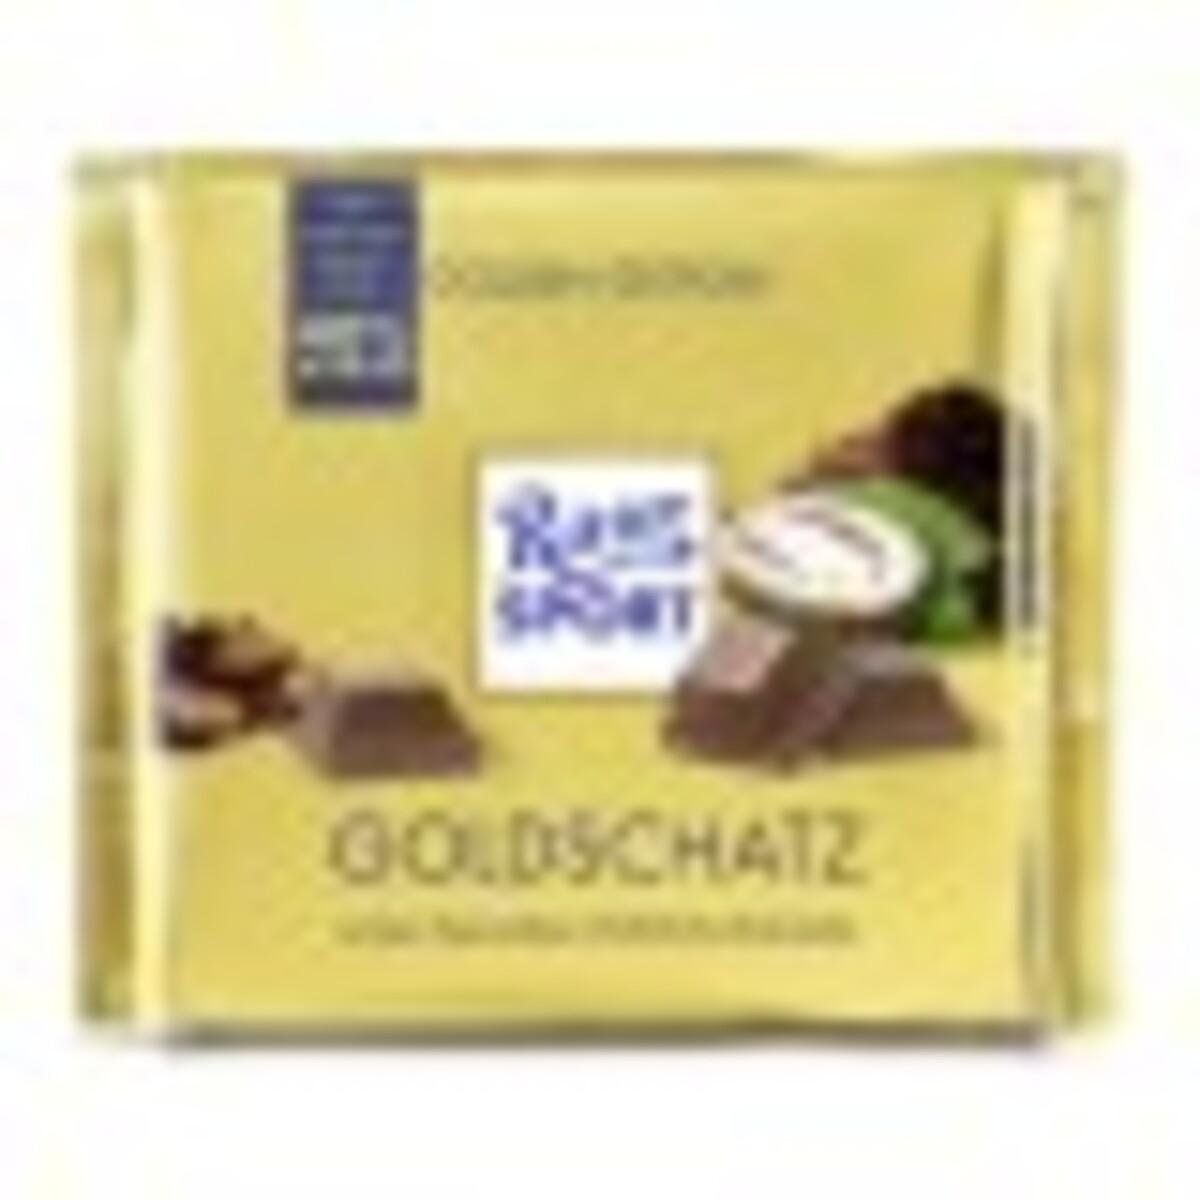 Bild 1 von Ritter Sport Goldschatz 250 g